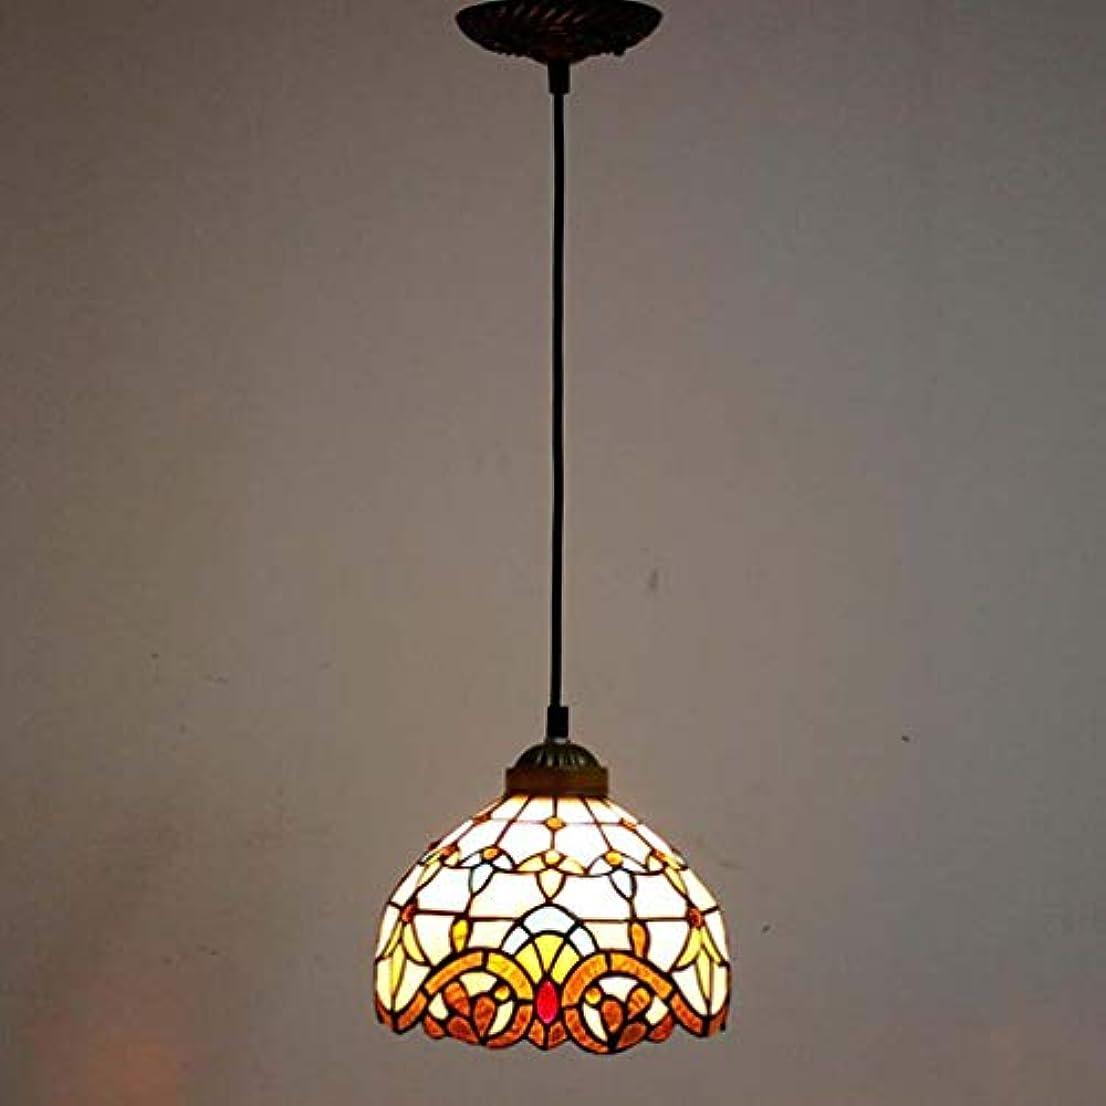 開拓者週末感謝ティファニースタイル1ライトミニペンダント照明、ヴィンテージシーリングライト吊り下げランプステンドグラスシェード(5.5